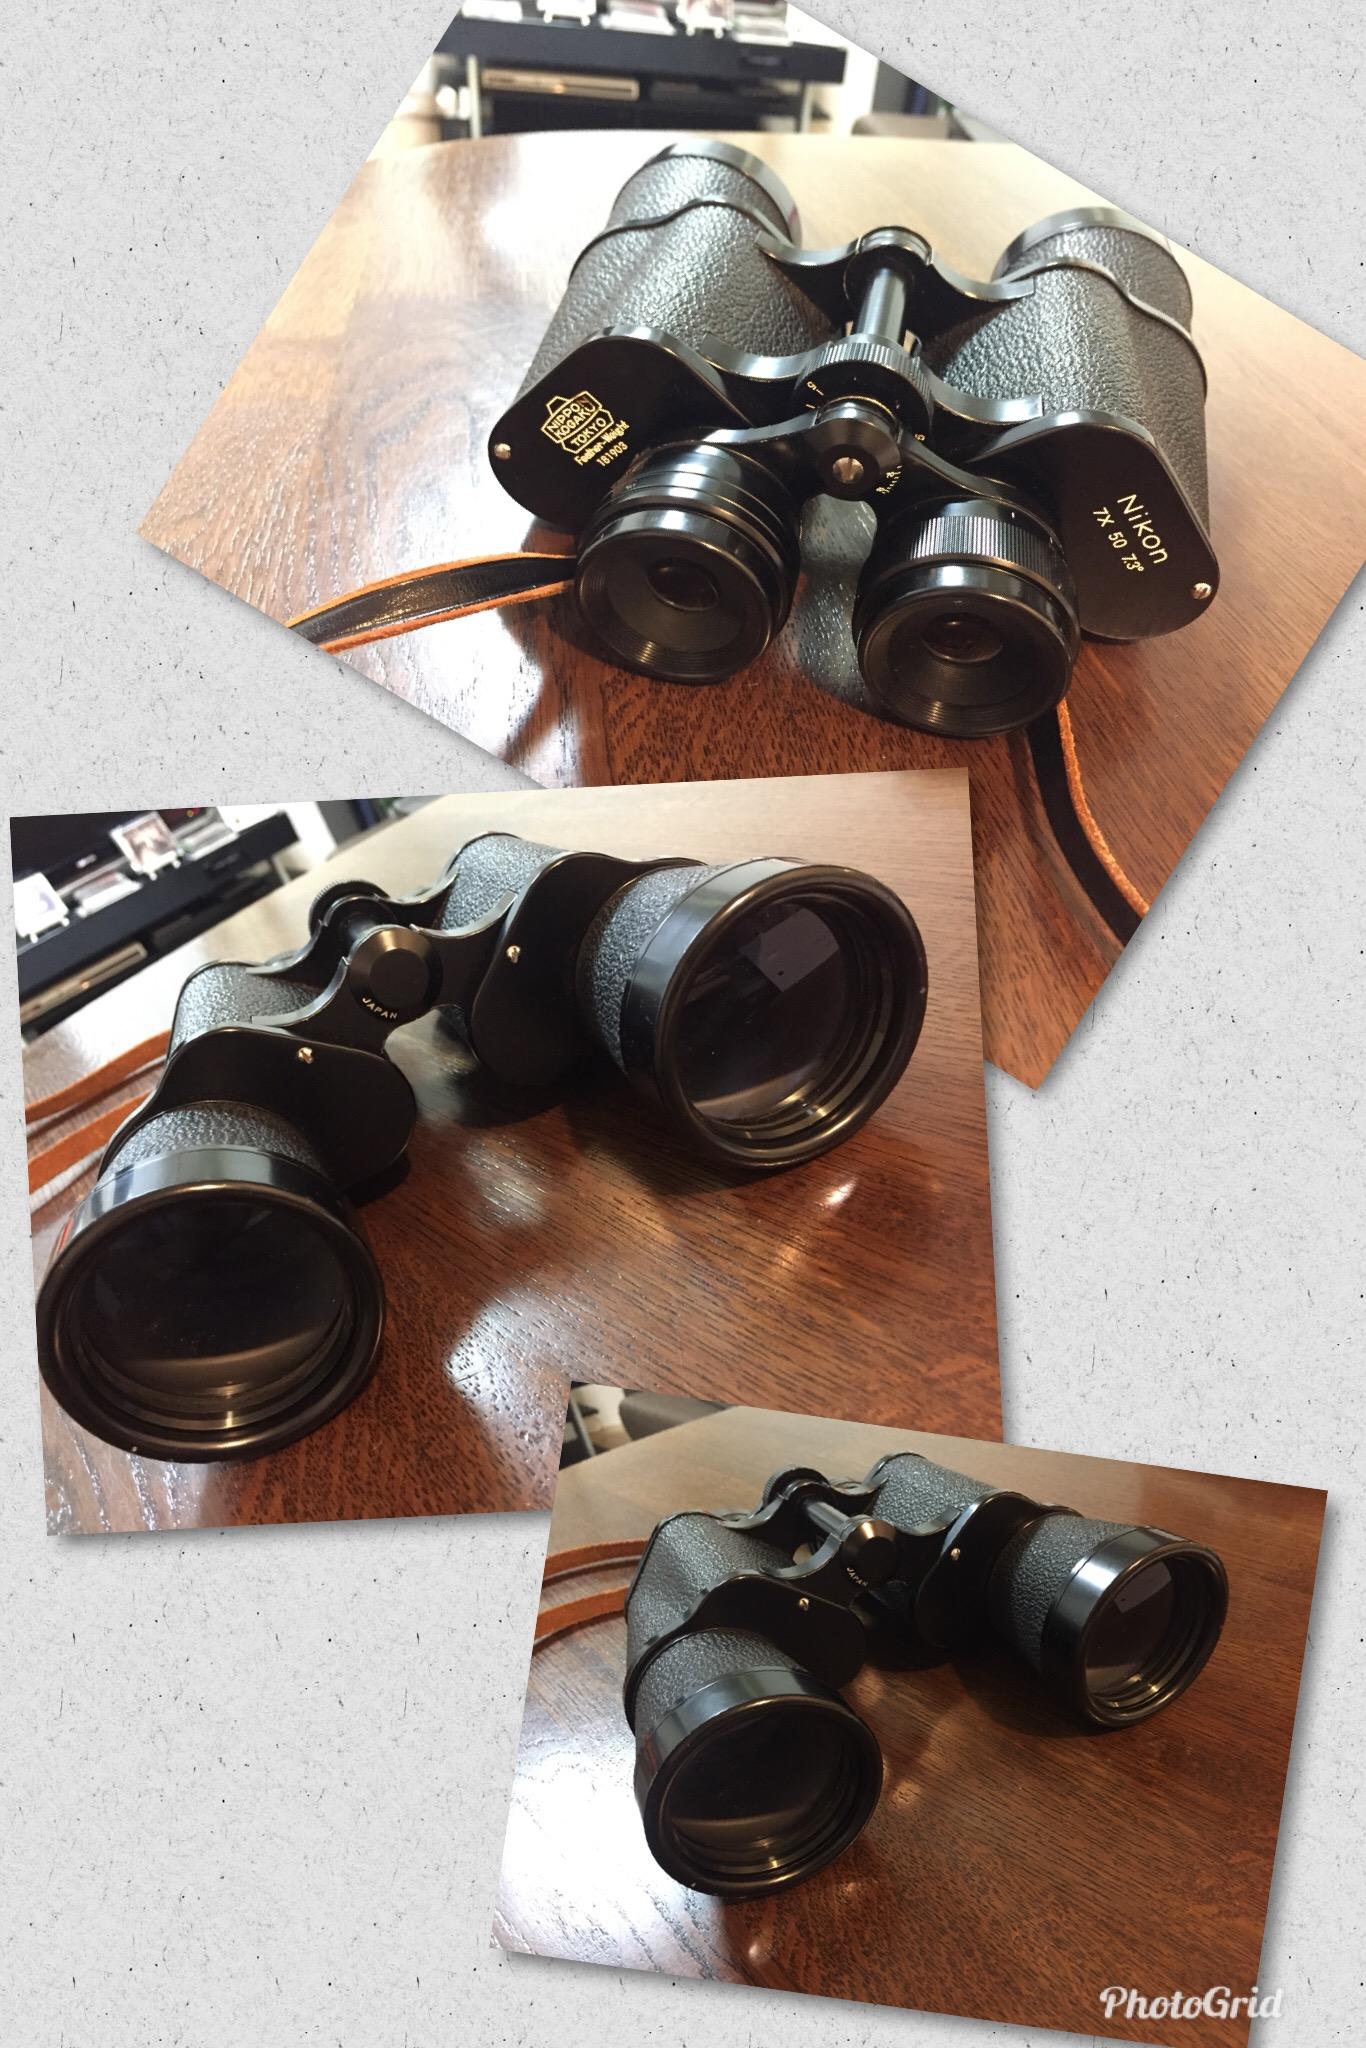 8A127046-E67A-4E91-B5CE-8C010E12B591